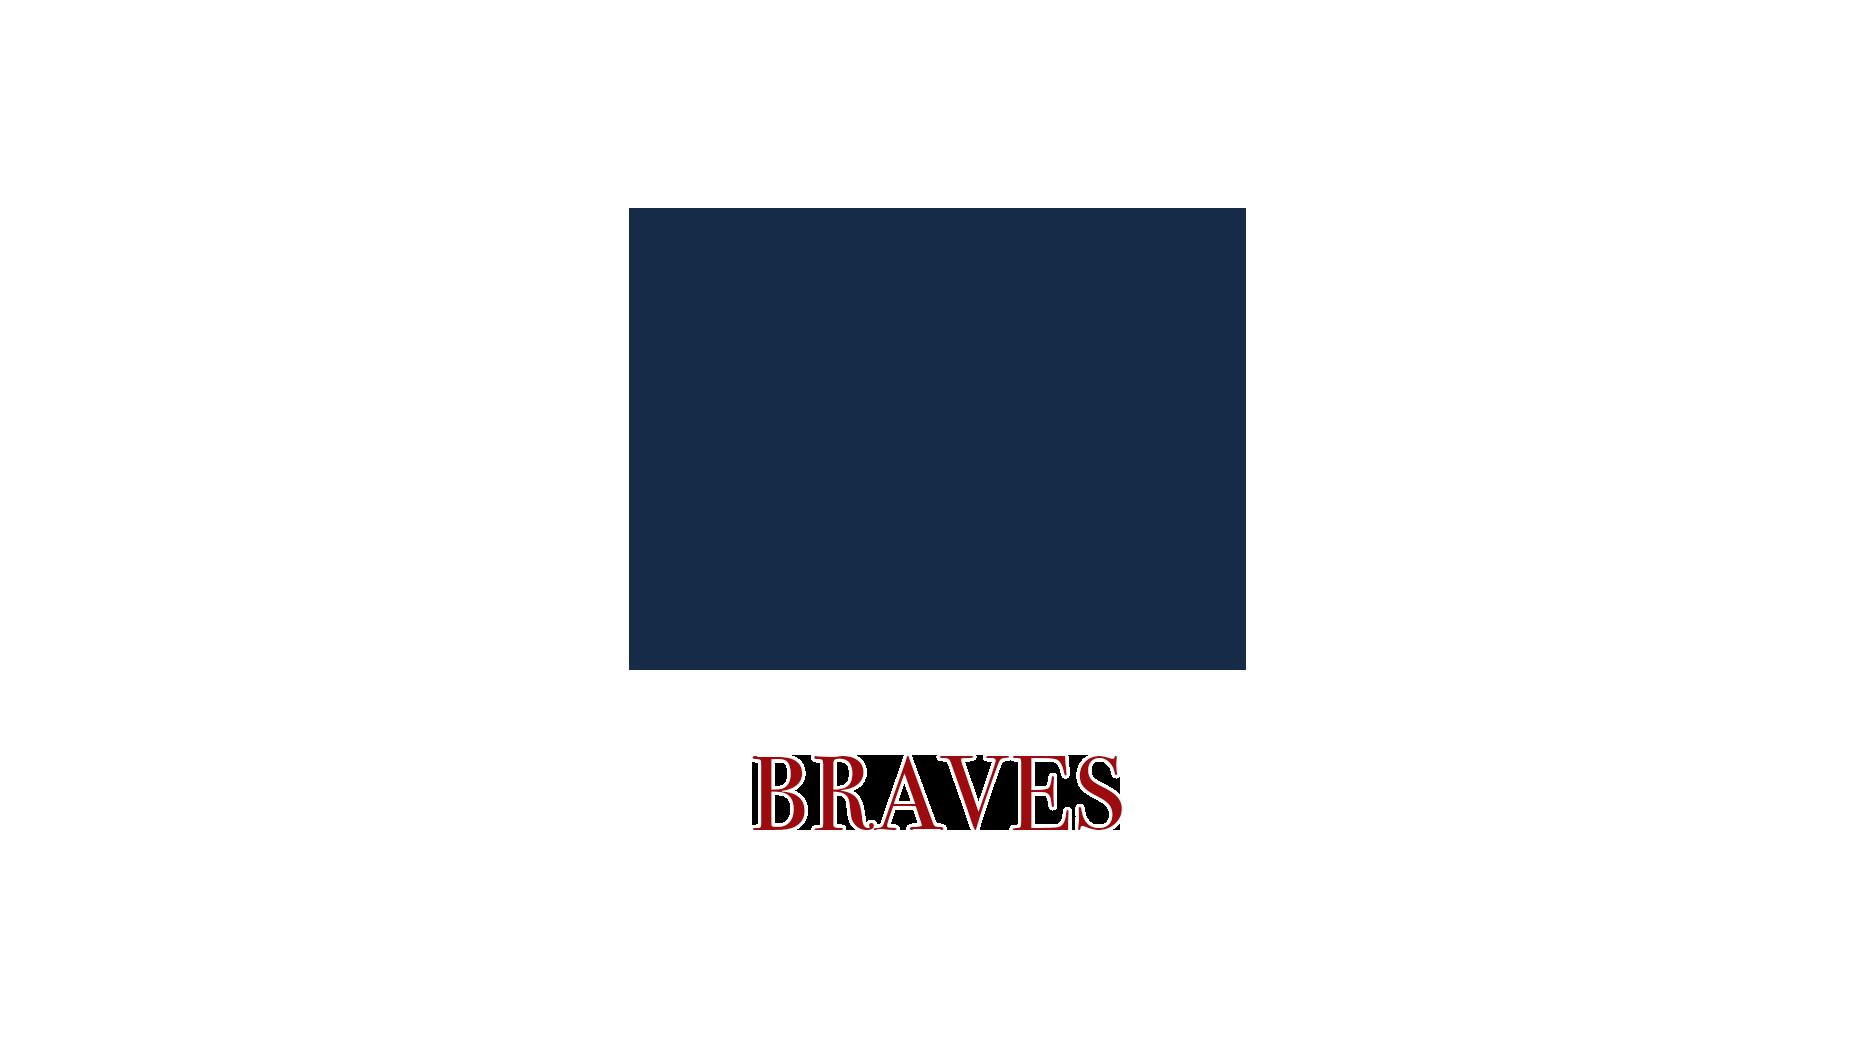 United Braves